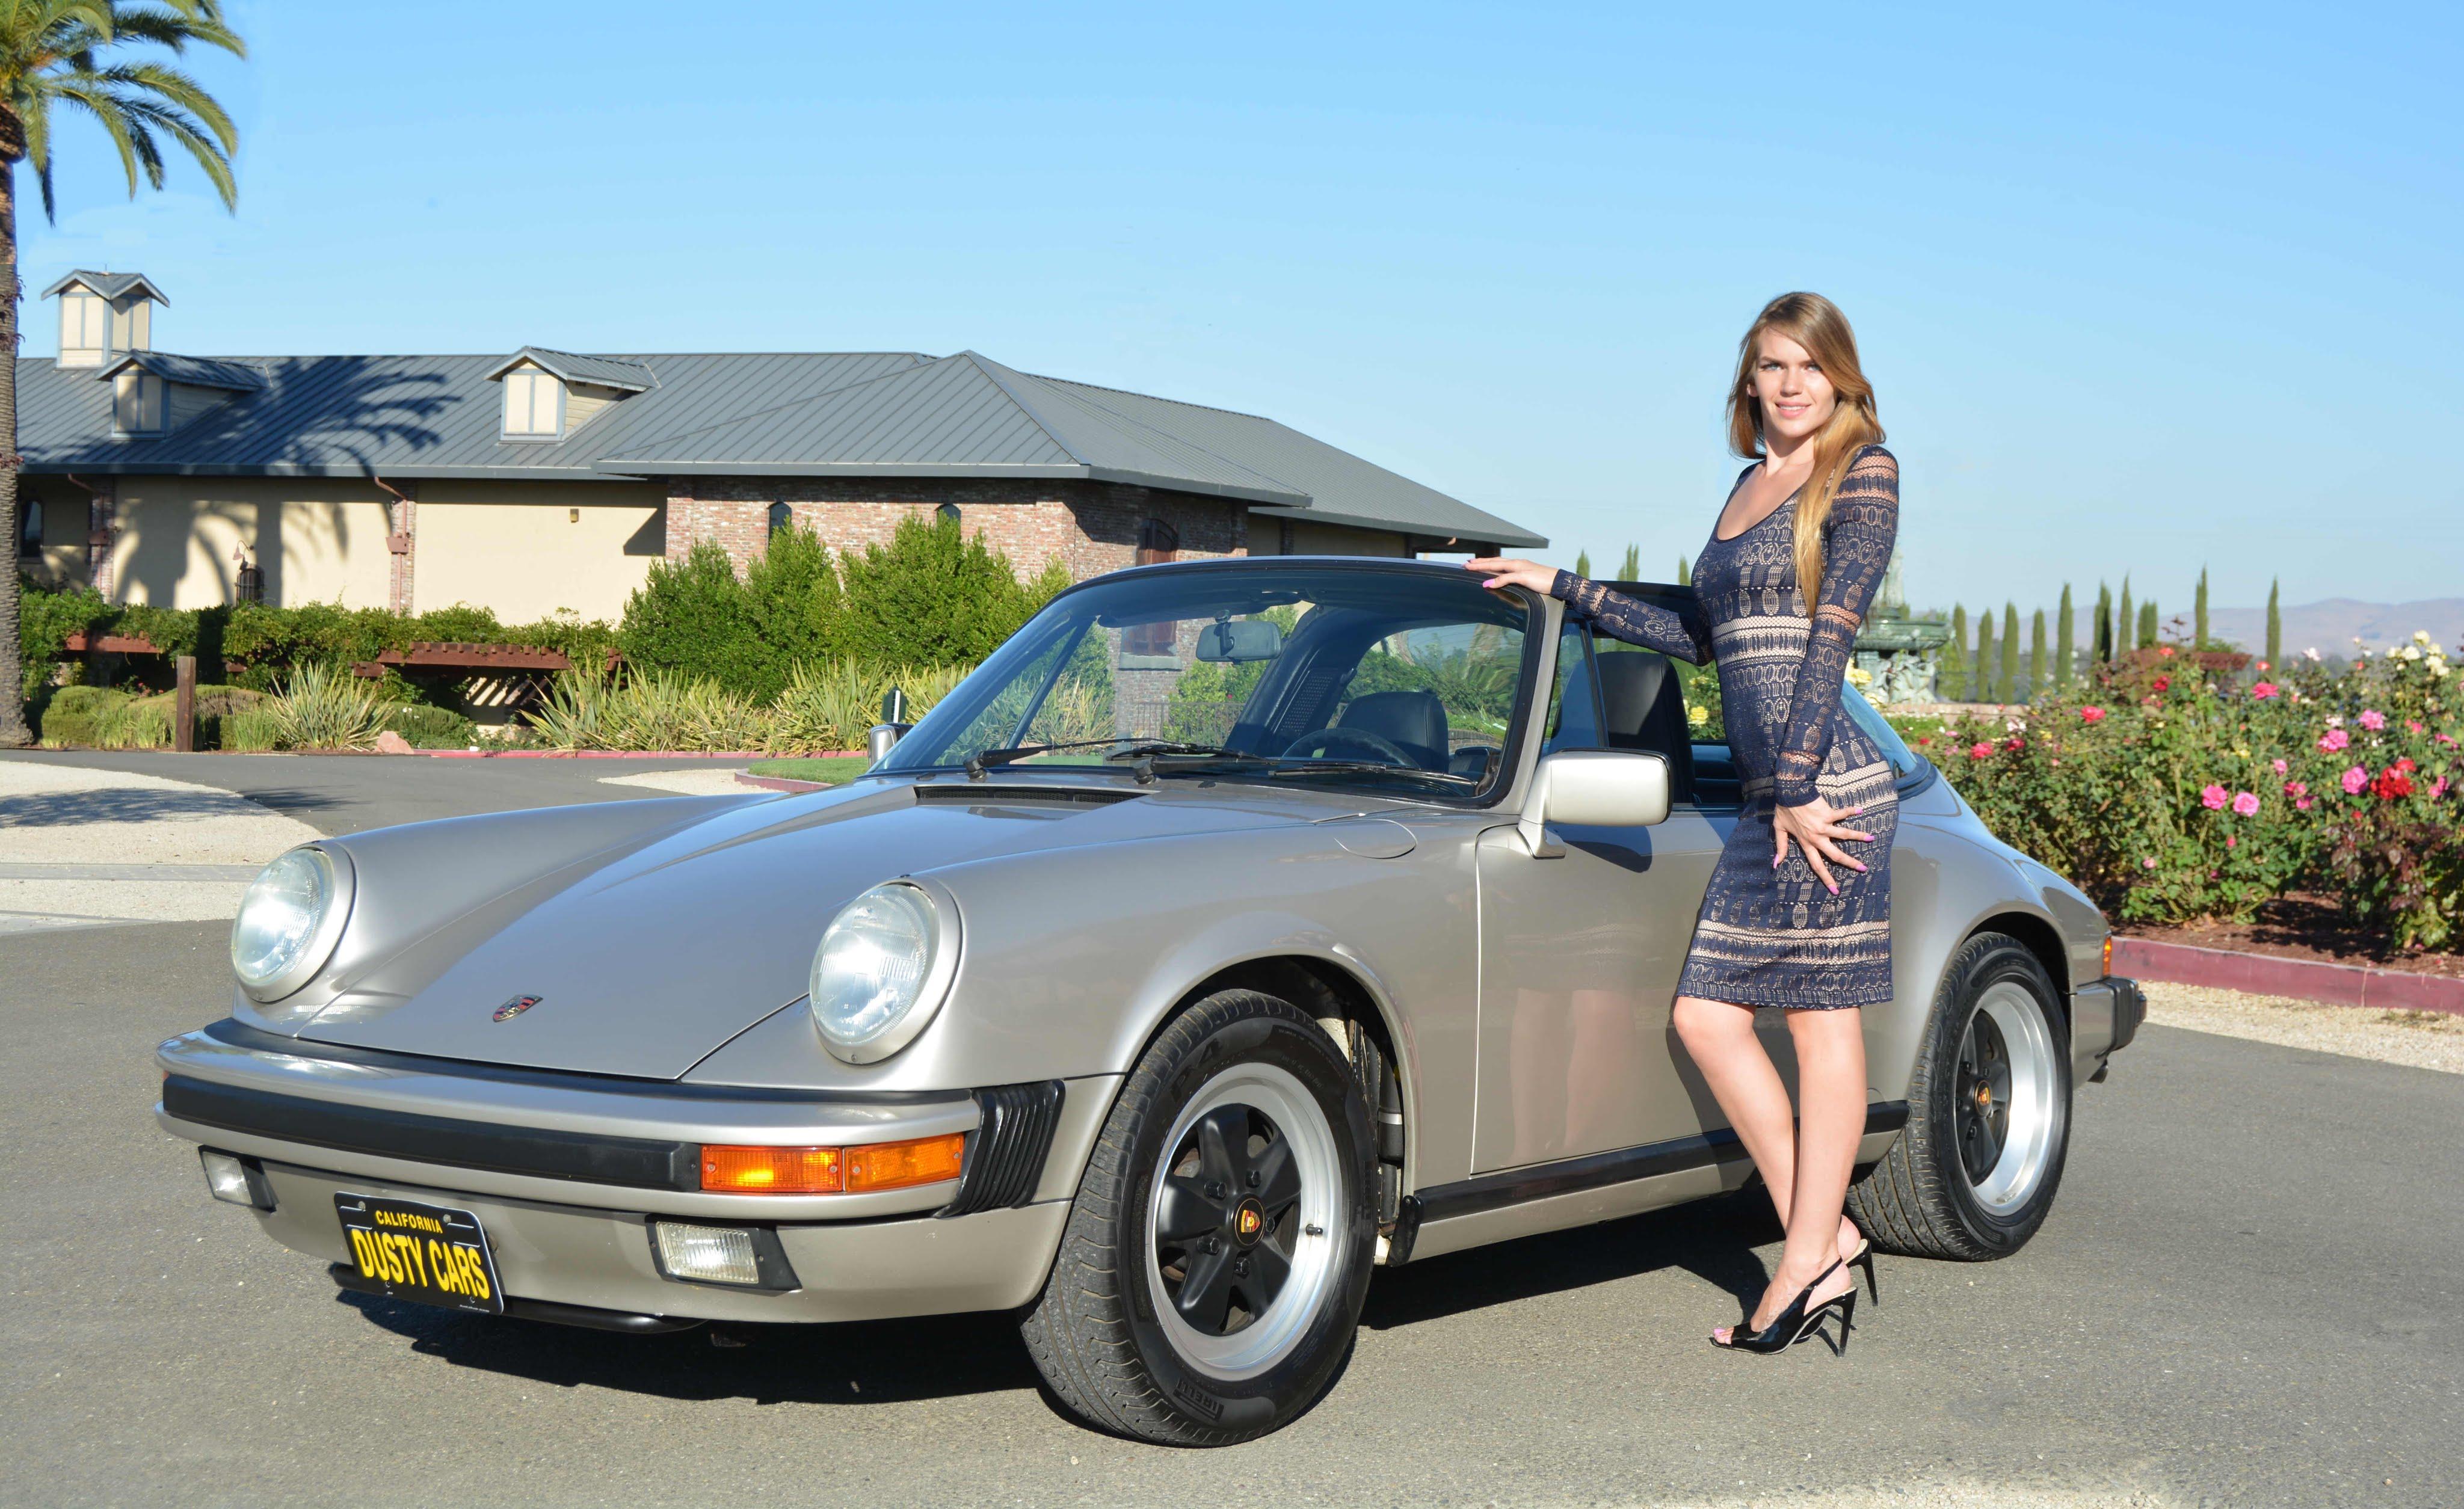 Porsche 911 II (911, 930) 1973 - 1989 Coupe #3